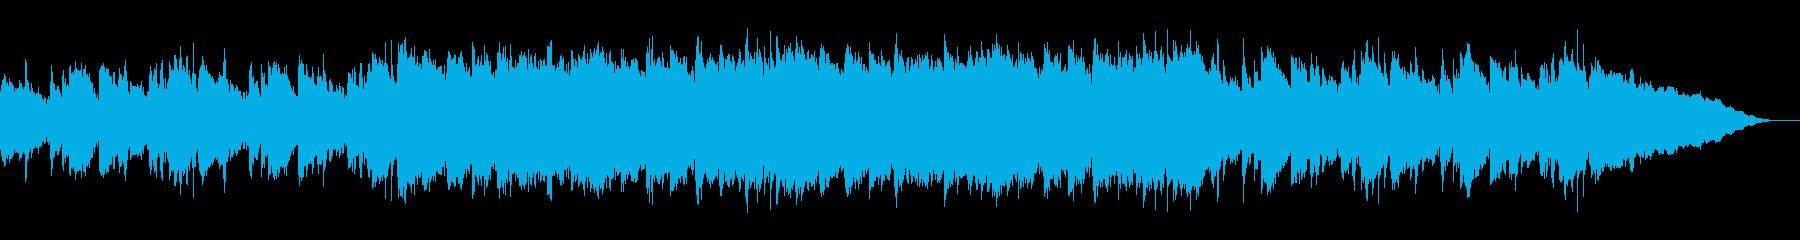 パワフルで情熱的な企業VP用カントリーの再生済みの波形